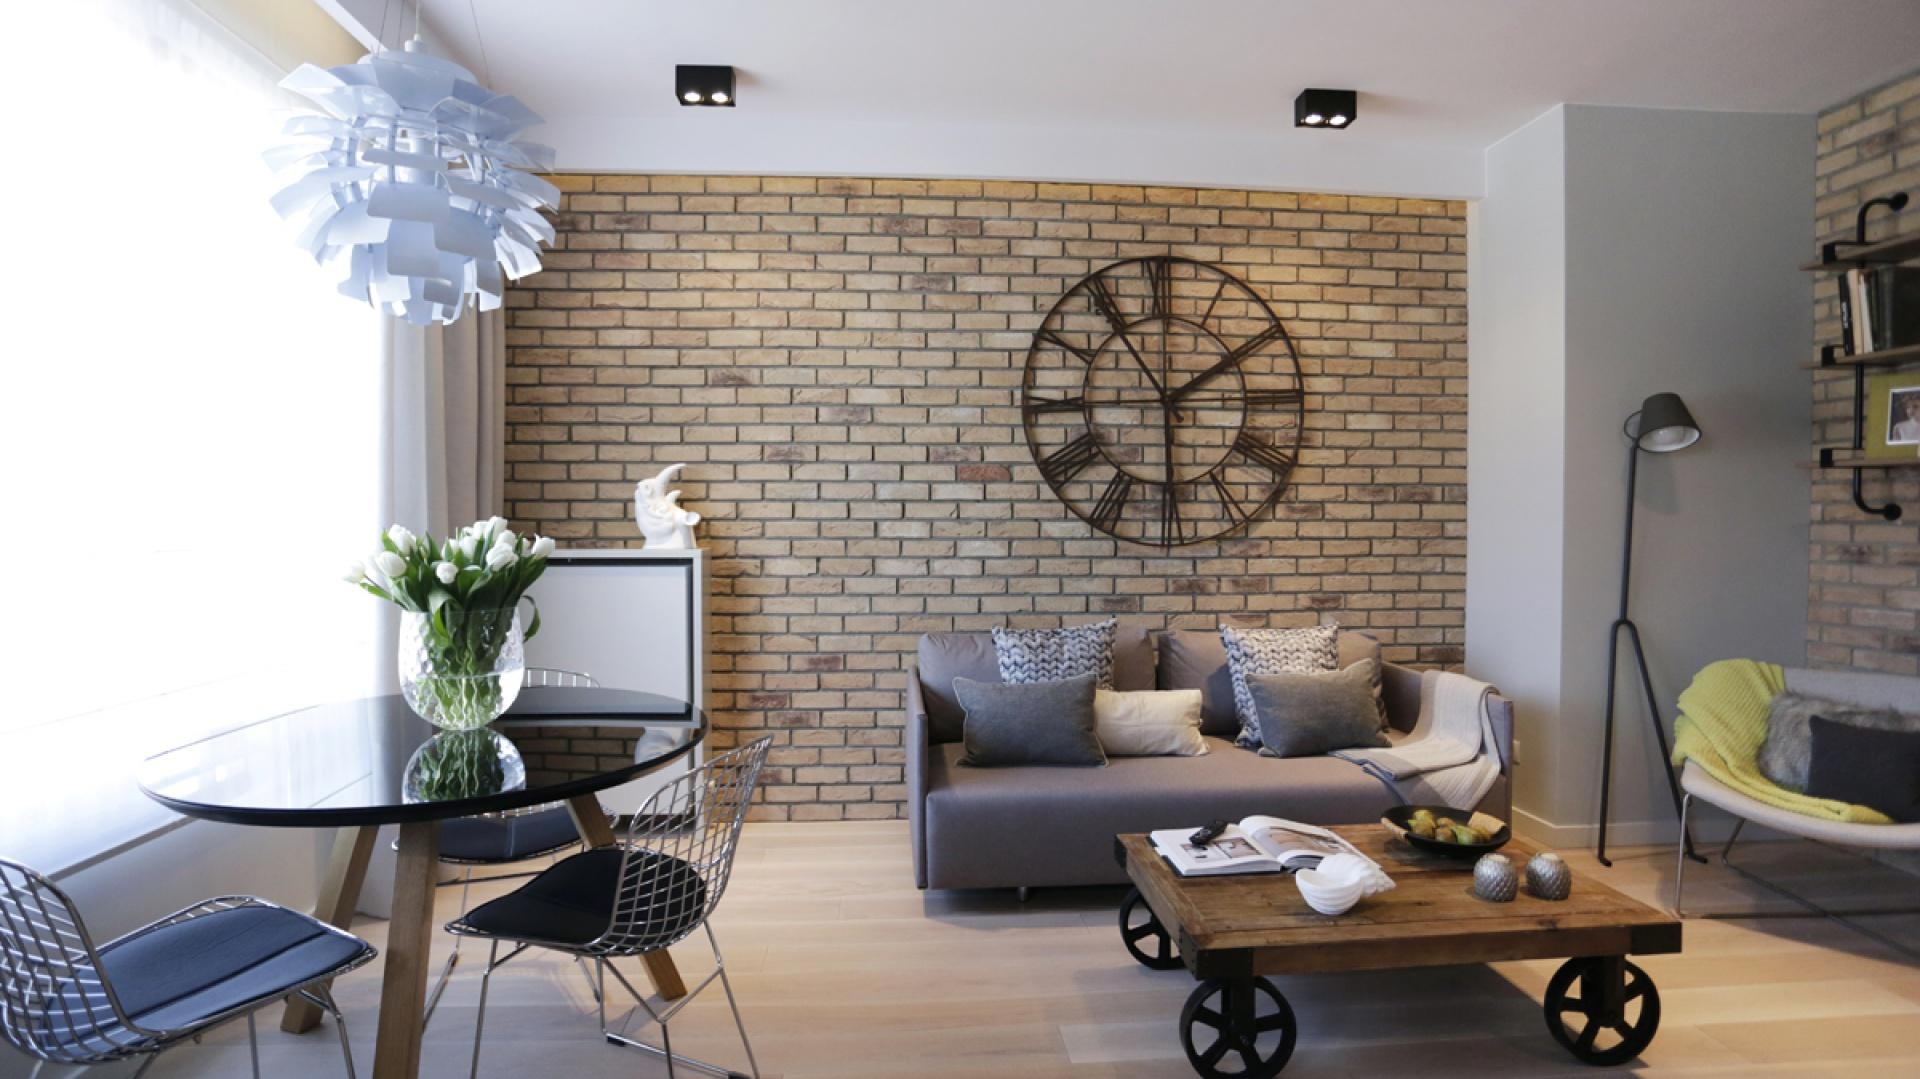 Apartament Hoża 55 powstał w miejscu dawnej fabryki brązów i srebra w Warszawie. Stąd nawiązanie stylem do industrialnego charakteru wnętrza. Projekt Chałupko Design. Fot. Archiwum Archiconnect.pl